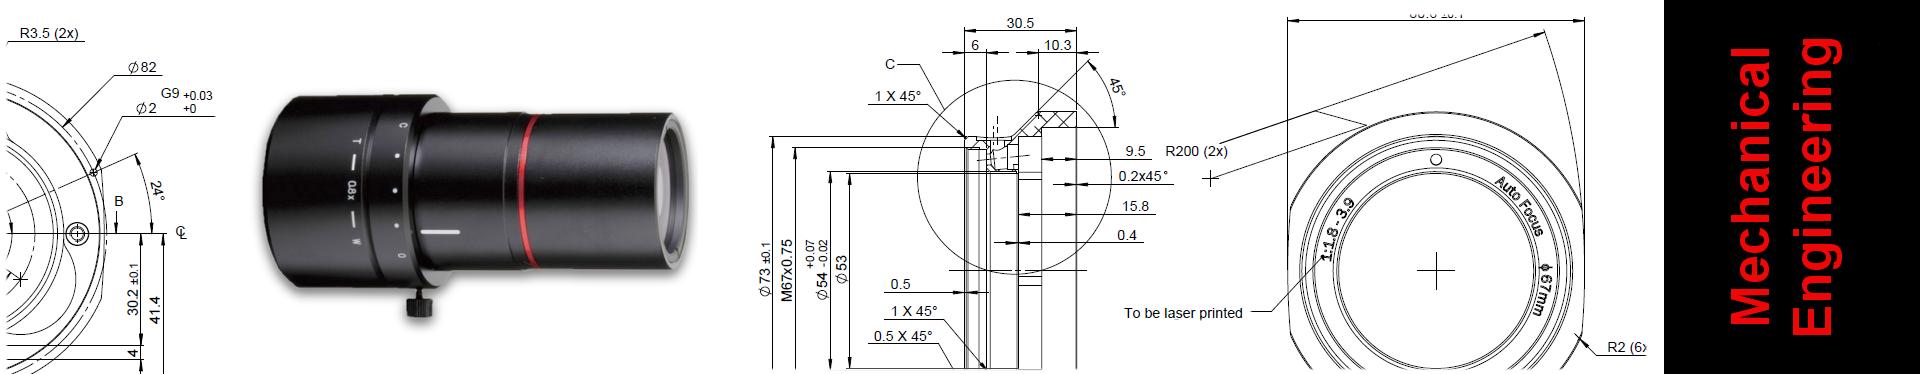 opto-mechanics-1